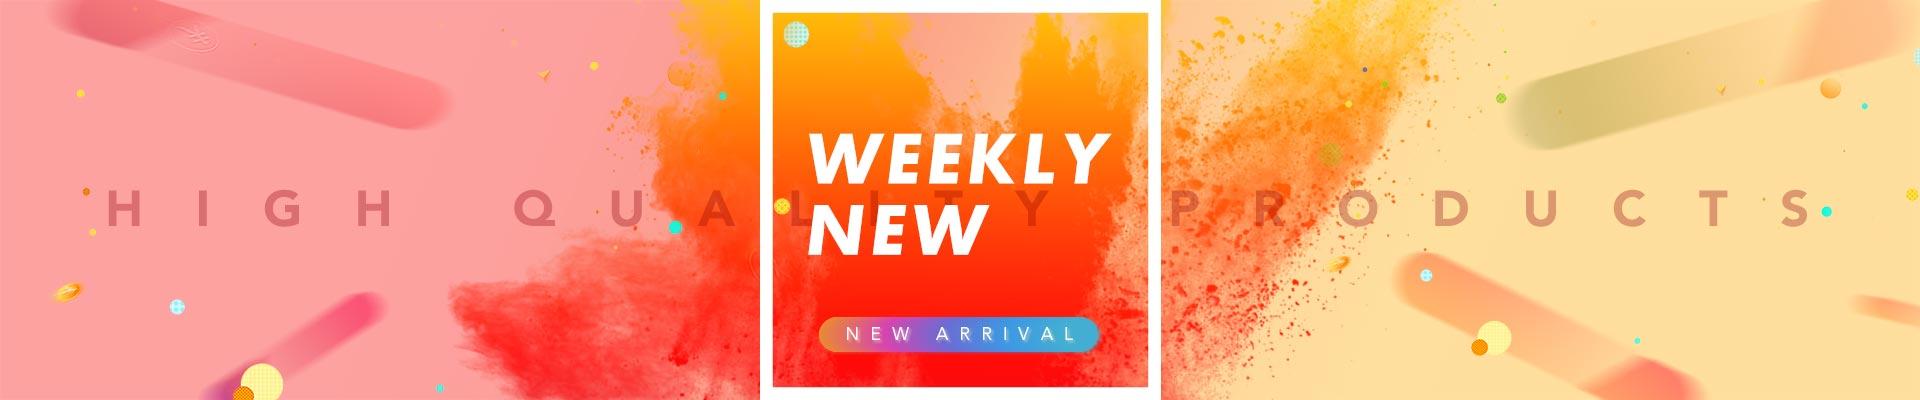 WeeklyNew-1920x400px.jpg